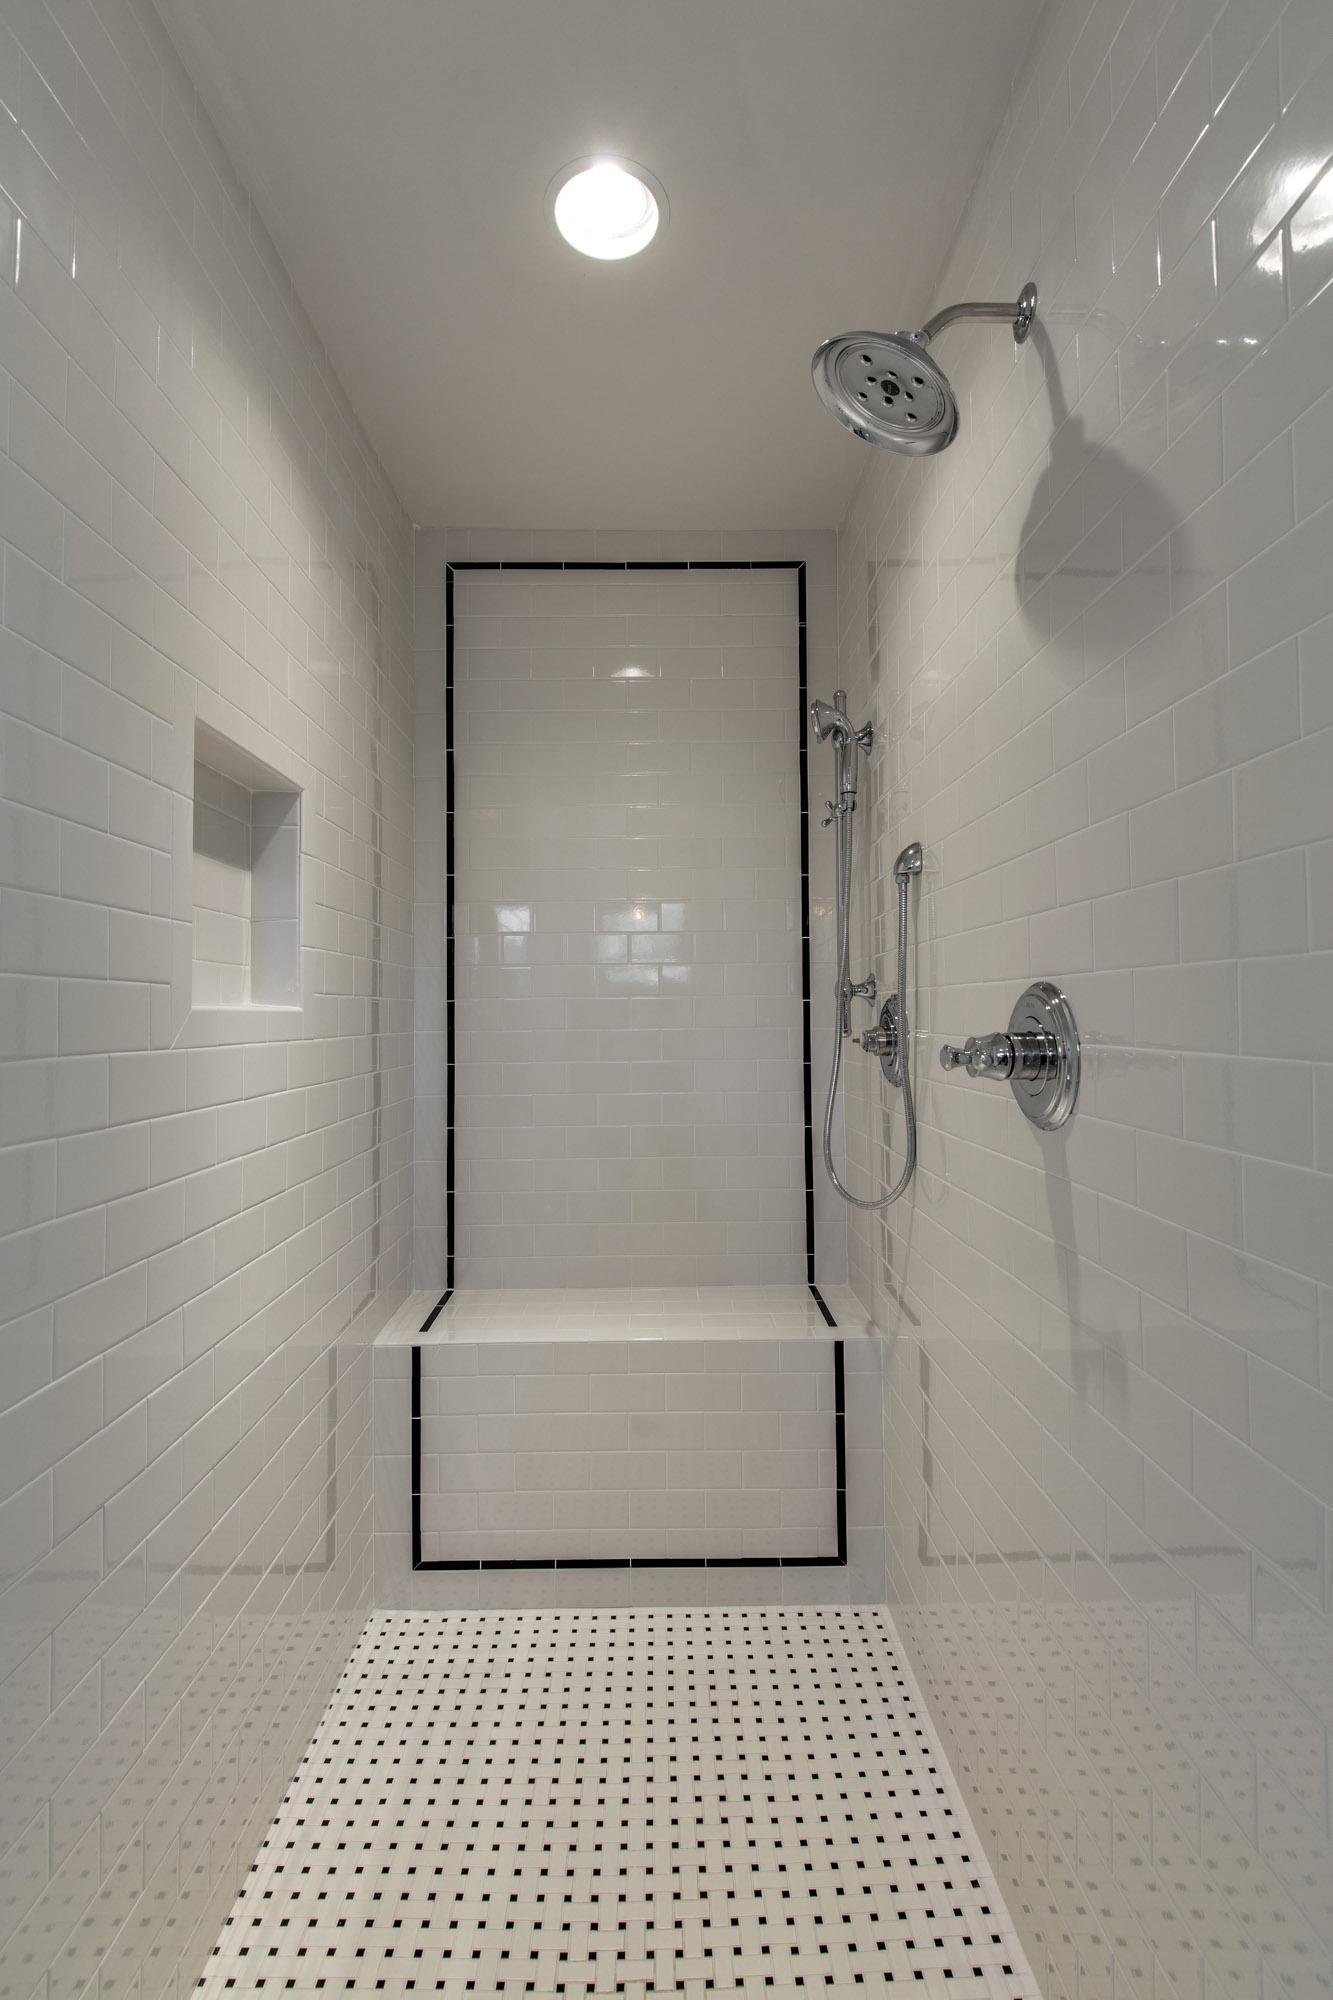 nashville-home-remodel-renovation-custom-home-tennessee-britt-development-group-1043.jpg